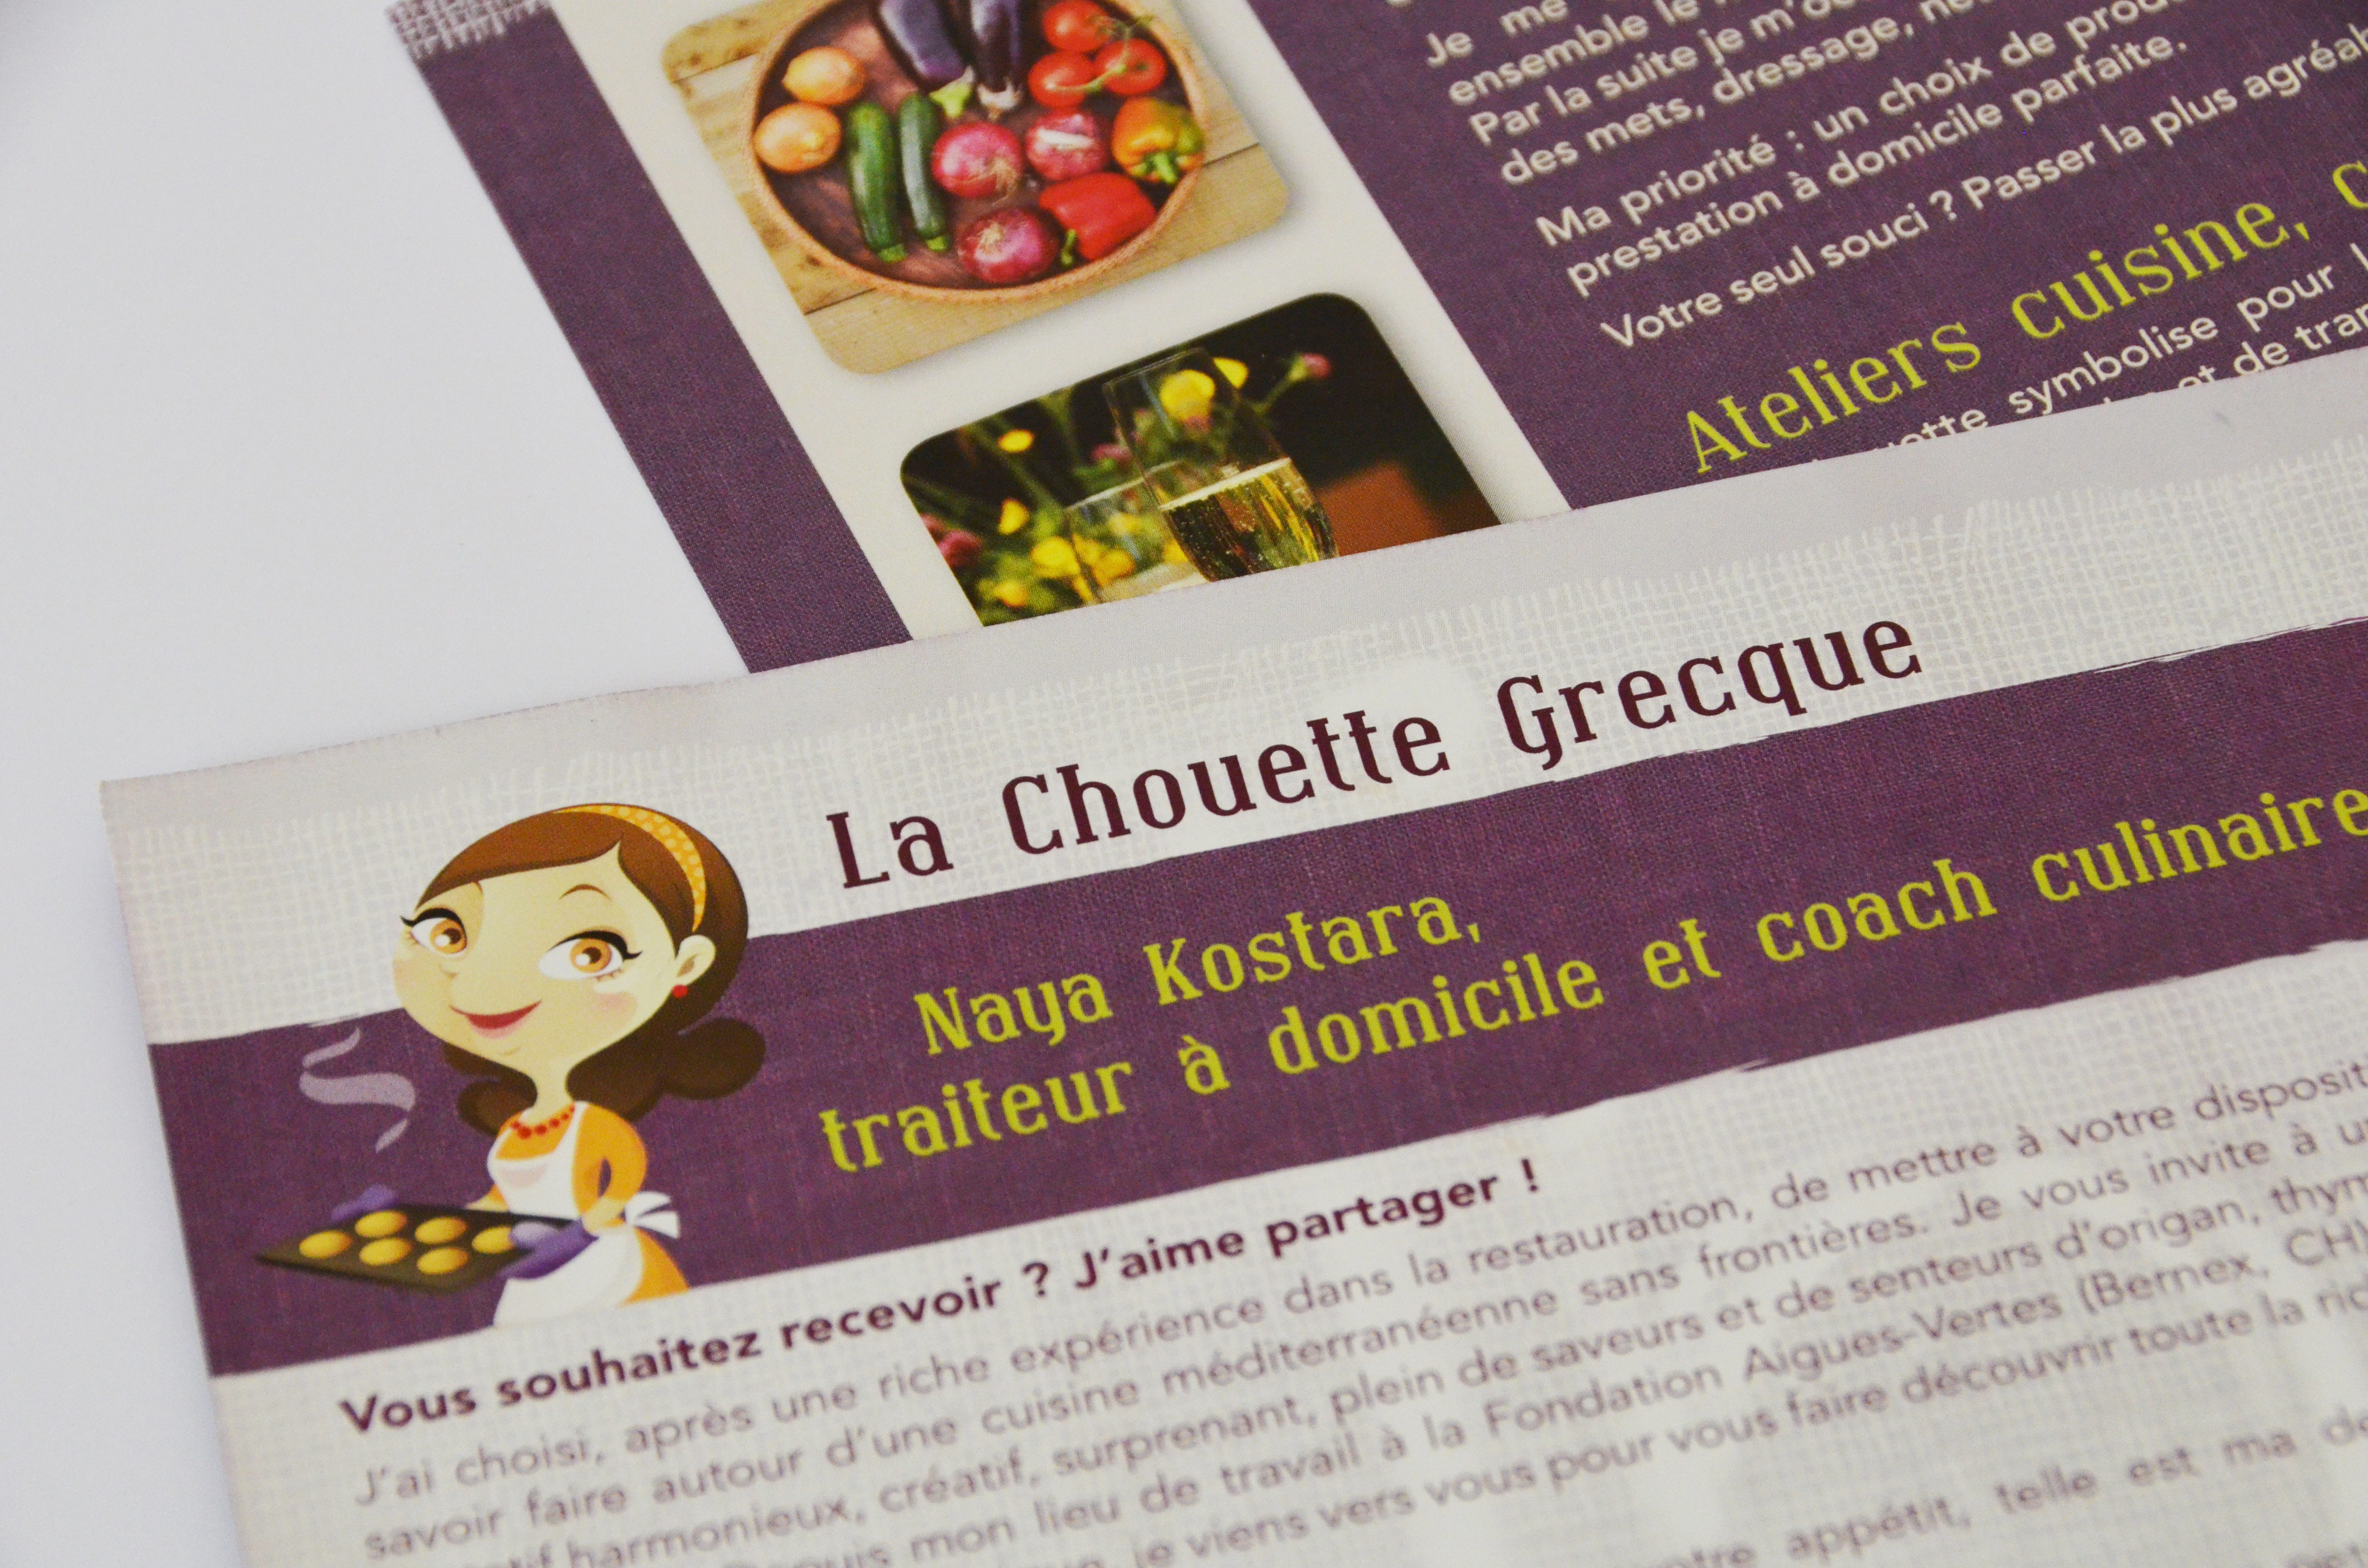 Details-flyer-Chouette-grecque